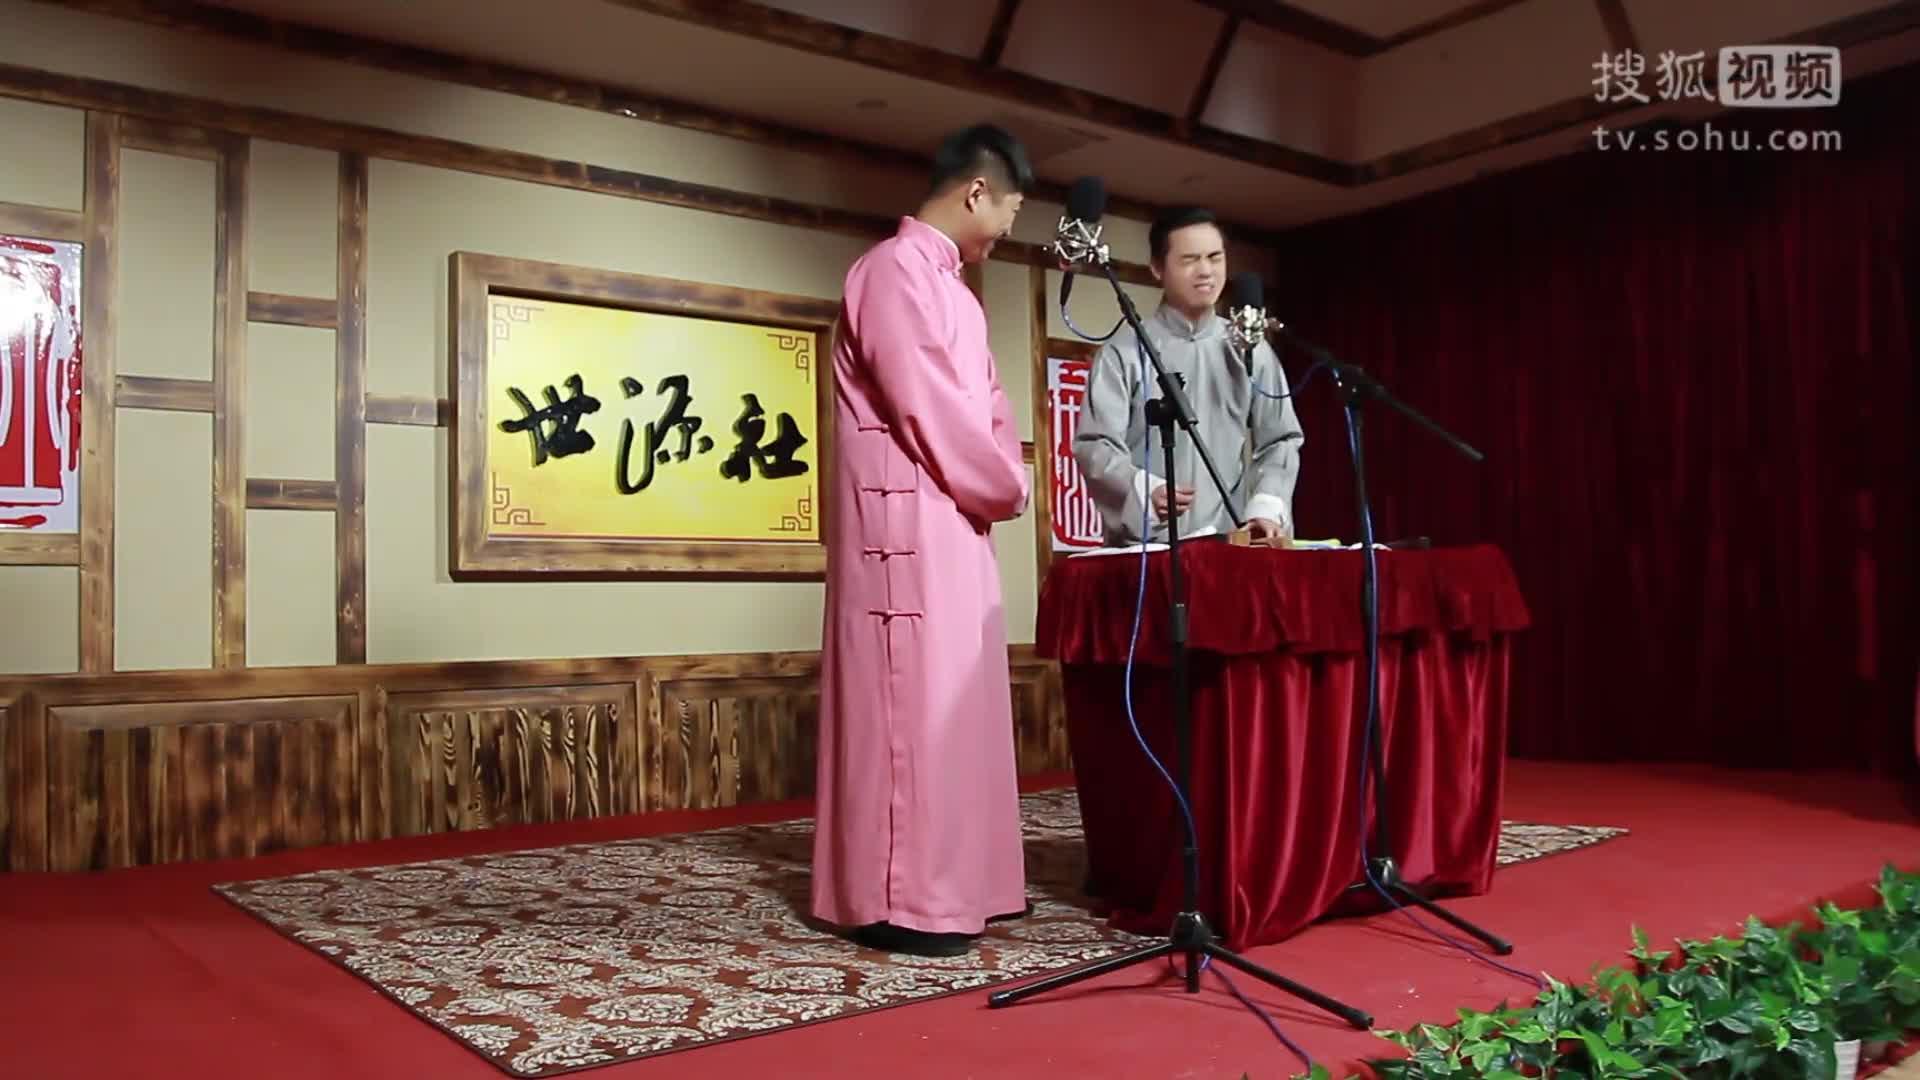 相声乐07期[世源社]赵建明.张雷